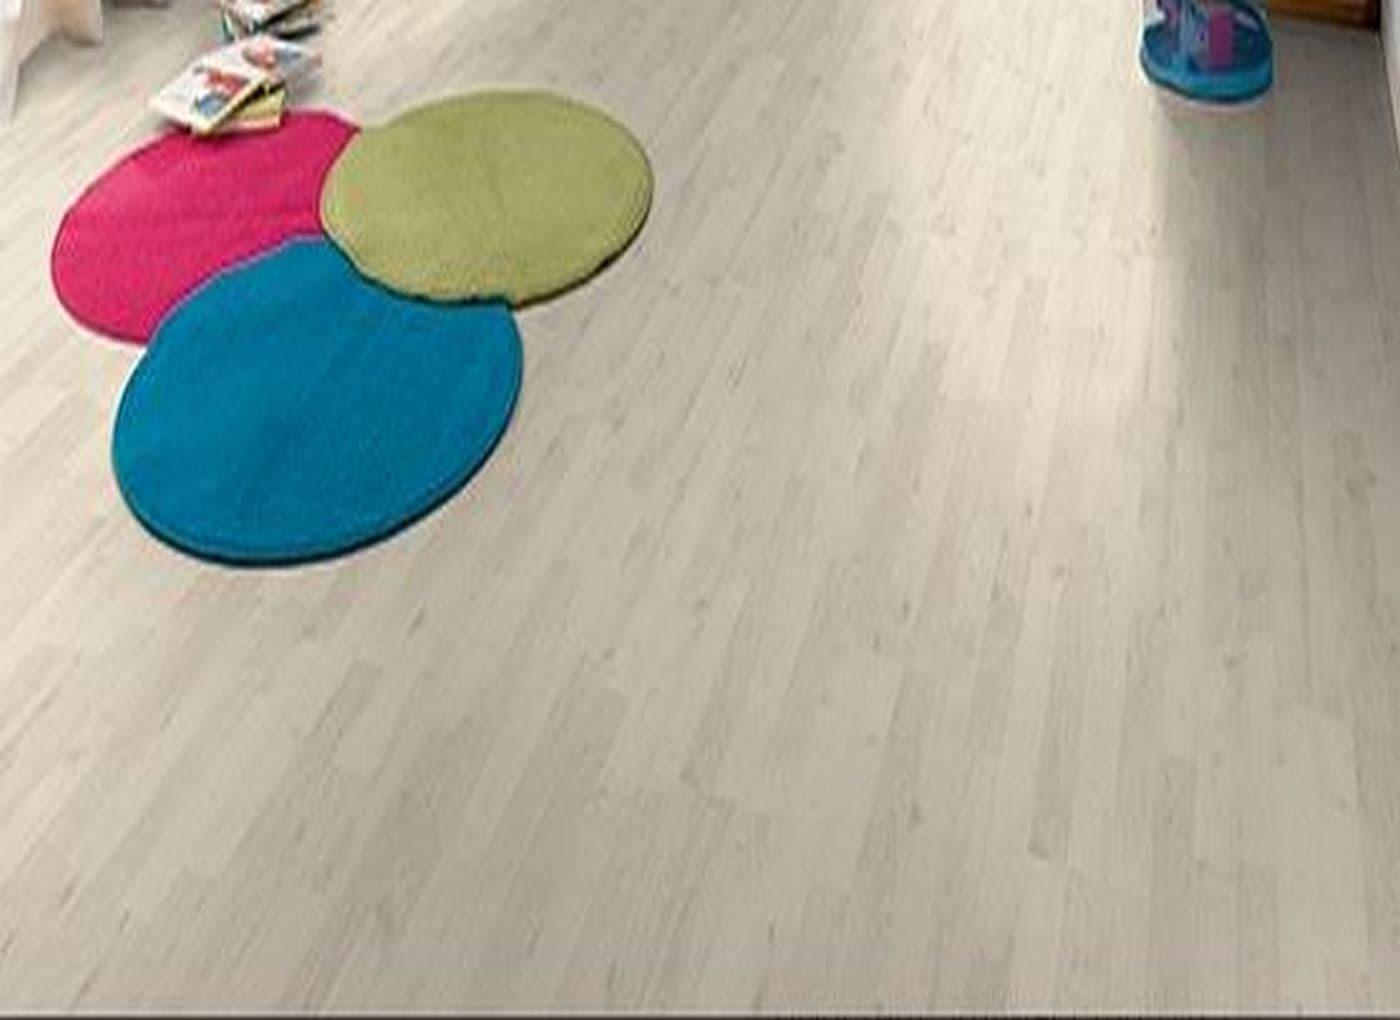 Fußboden Osb Xiaomi ~ Fußboden aus klinker klinkerpflaster im fischgrätmuster wie man